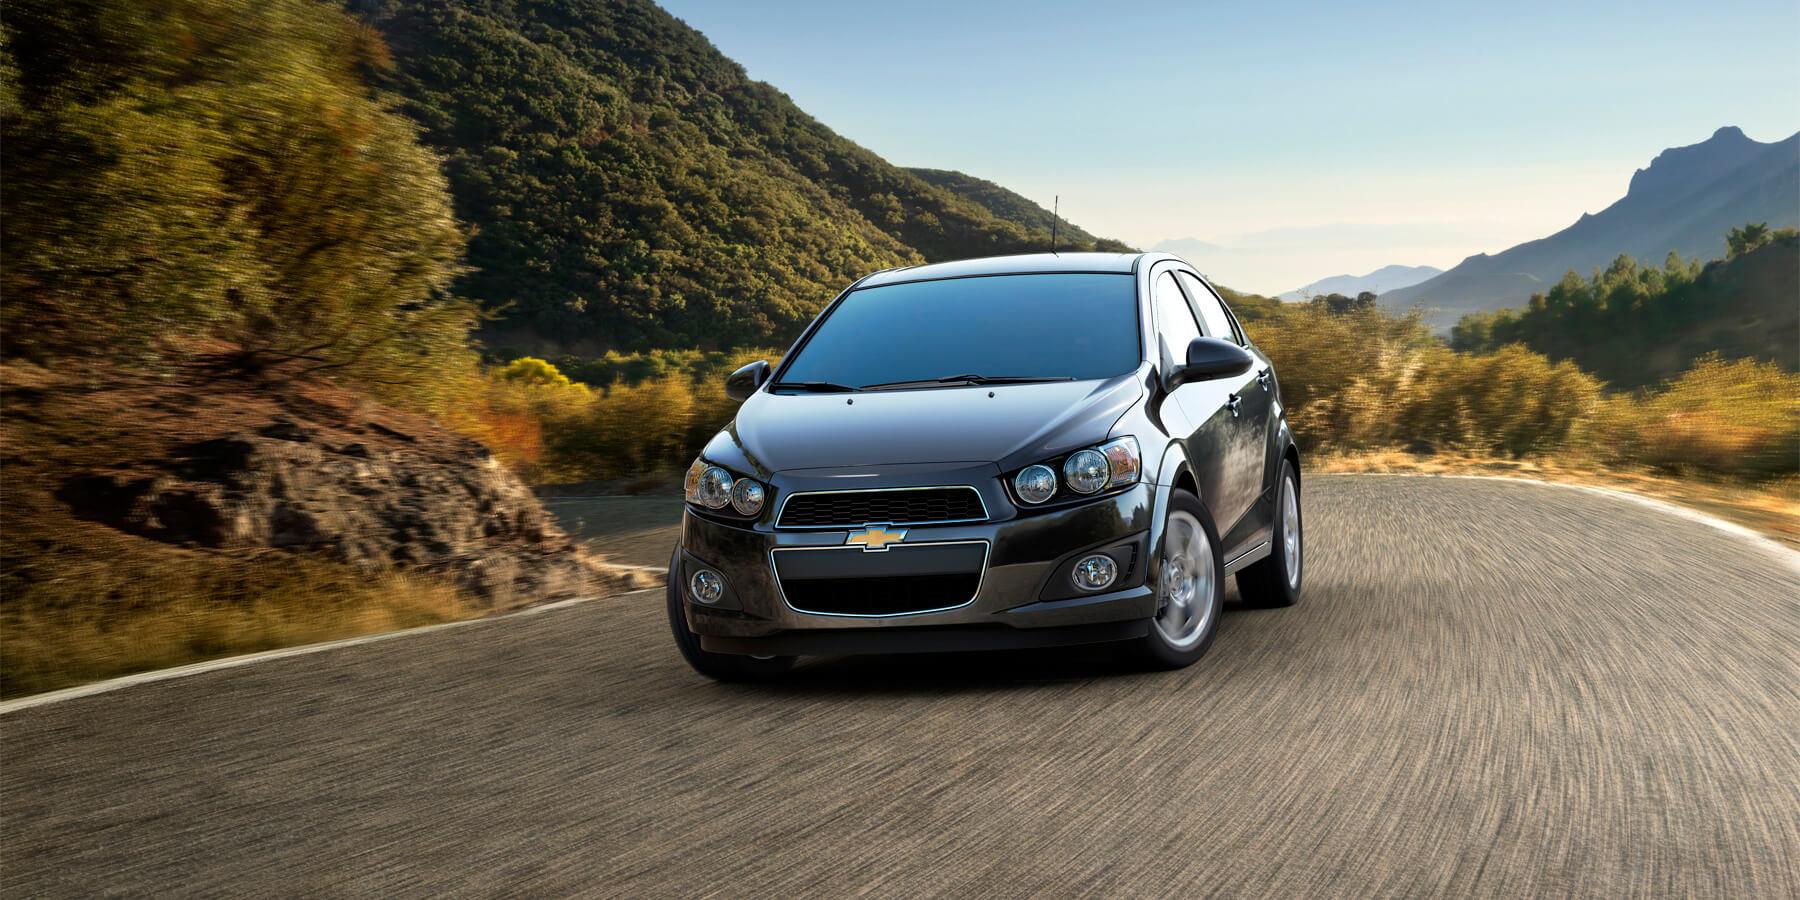 2013 Chevrolet Sonic sedan